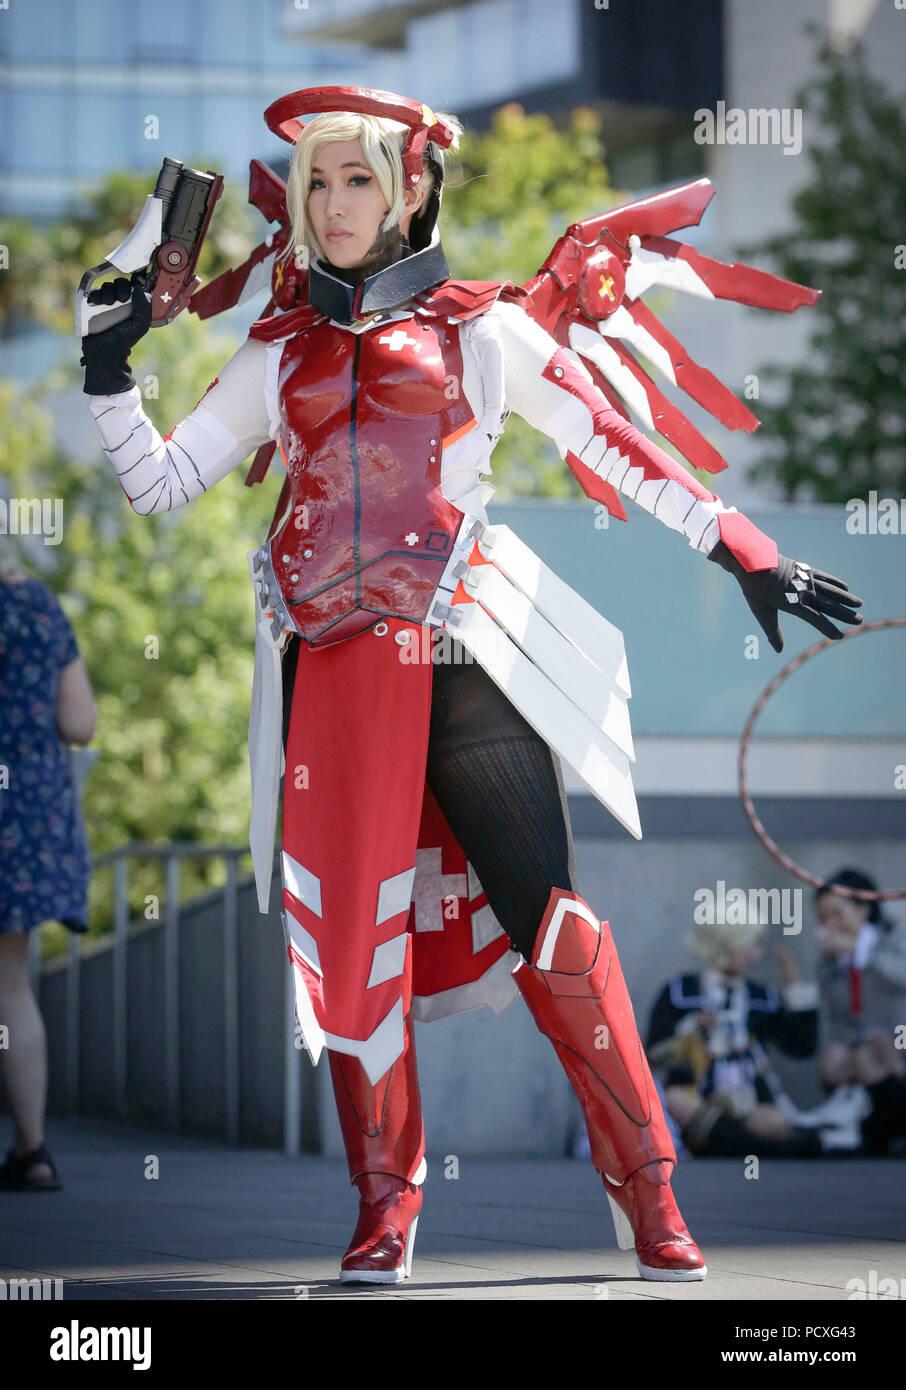 Anime Fans Imágenes De Stock   Anime Fans Fotos De Stock - Alamy e7e83cabb68e